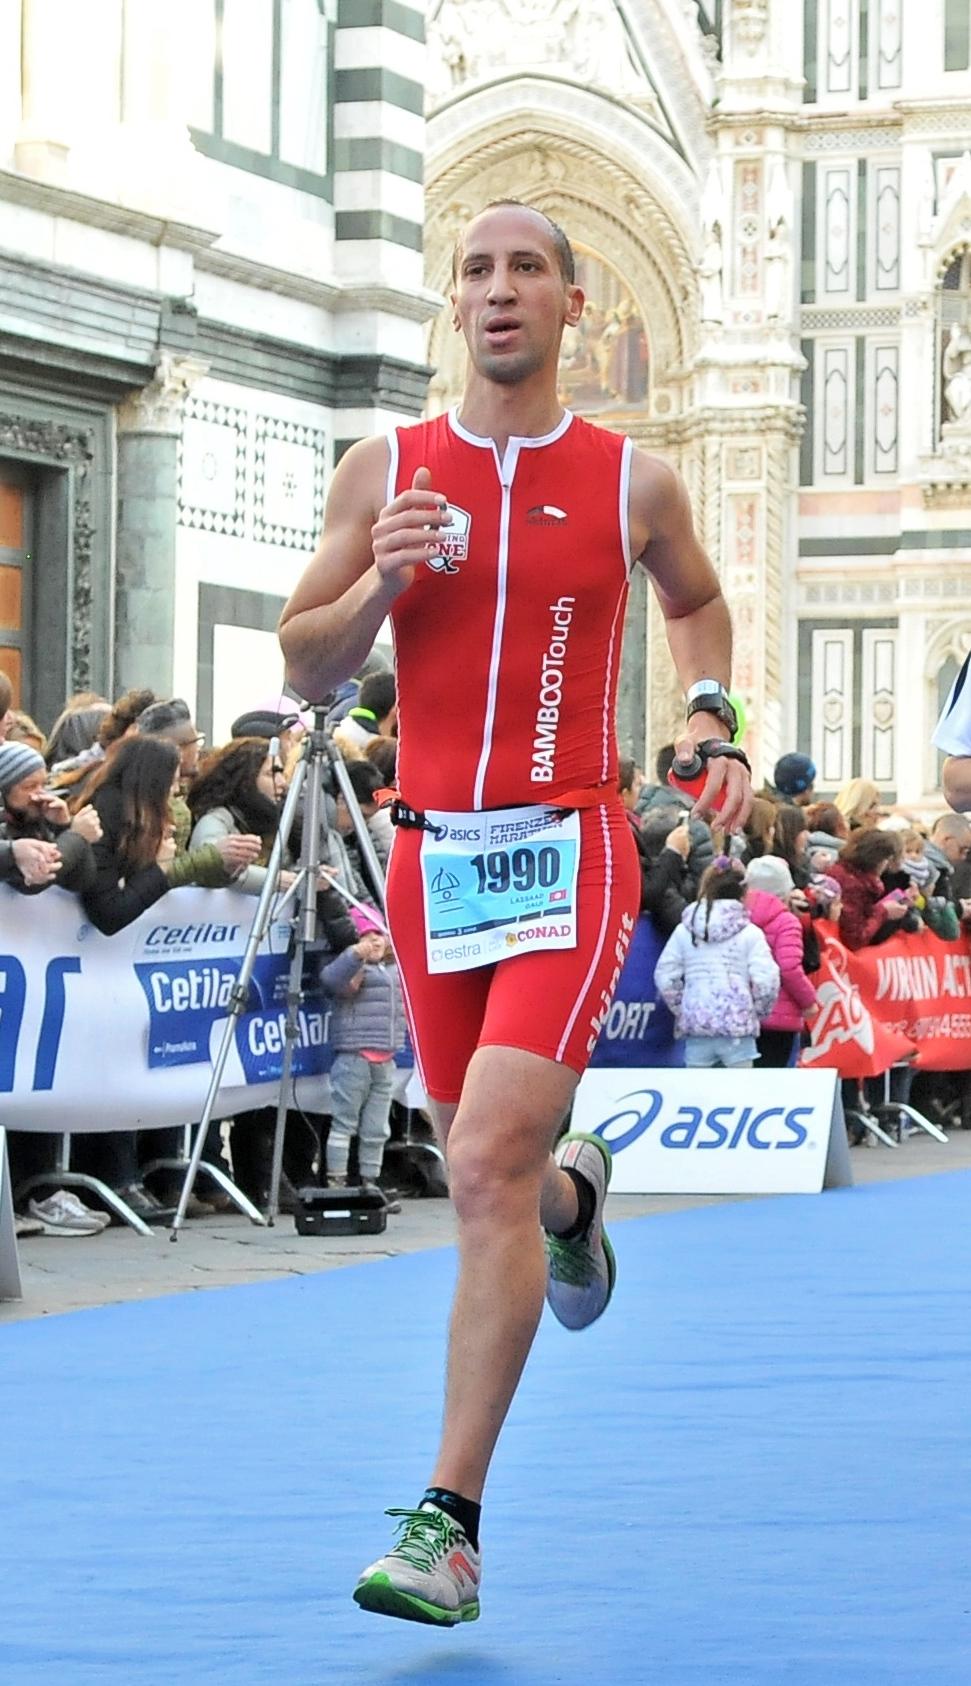 Florence Marathon 2016 - Finish line